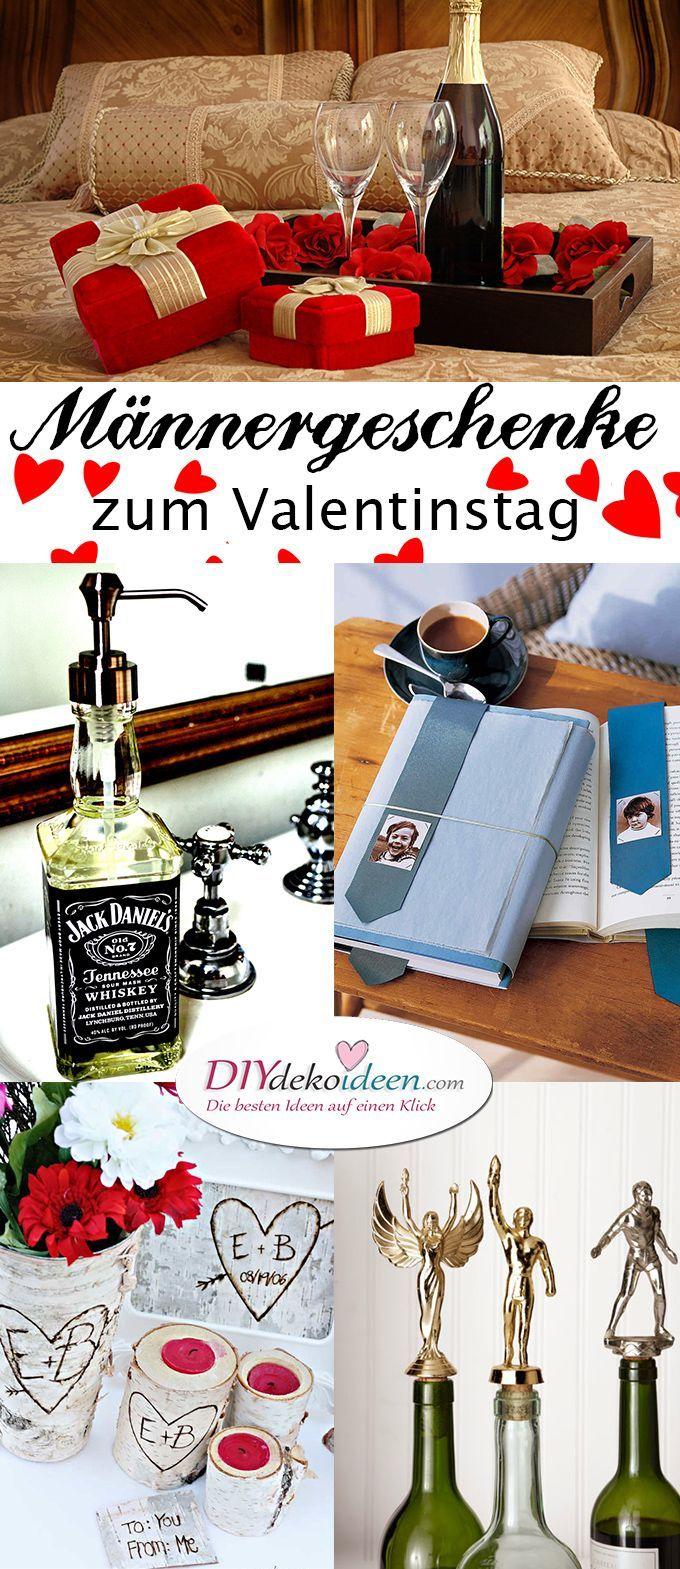 Mannergeschenke Zum Valentinstag Diy Bastelideen Geschenk Basteln Valentinstag Gesc Diy Valentinstag Fur Ihn Valentinstag Geschenk Basteln Geschenke Basteln